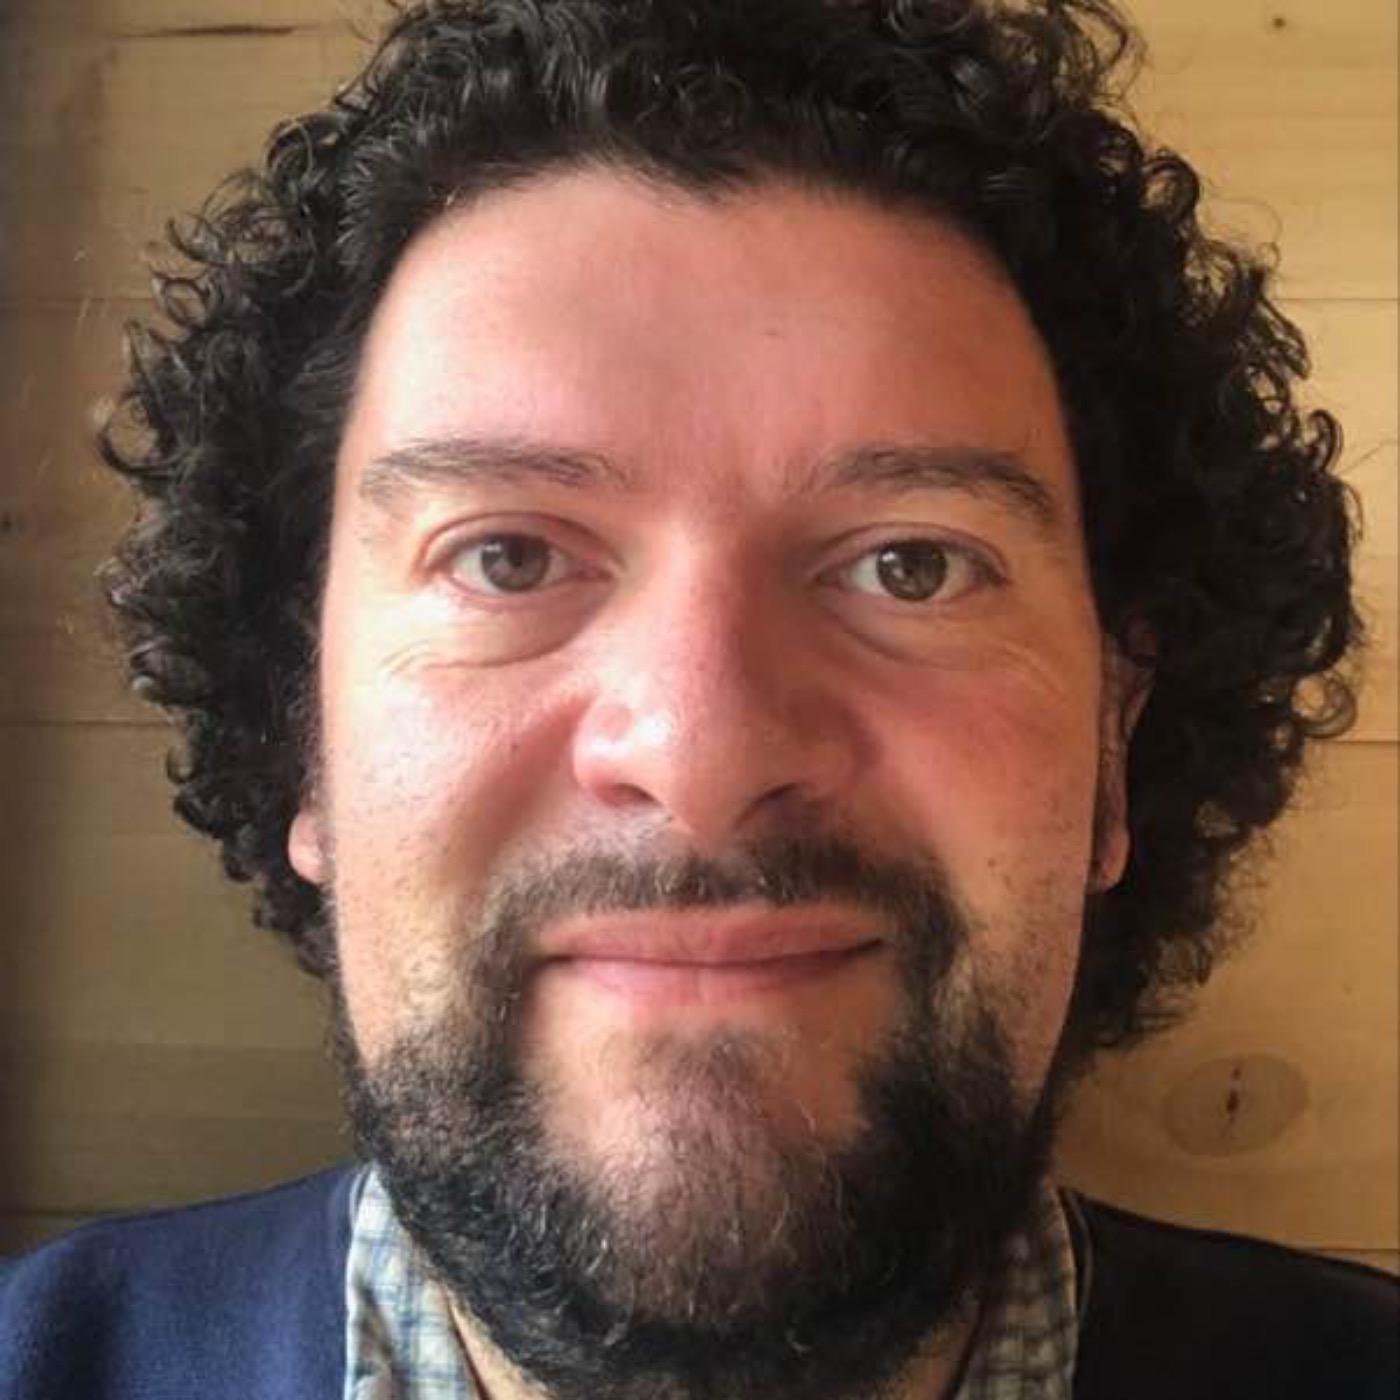 #95 - PRODUCTEUR : Mathieu BOMPOINT - Accompagner des talents émergents